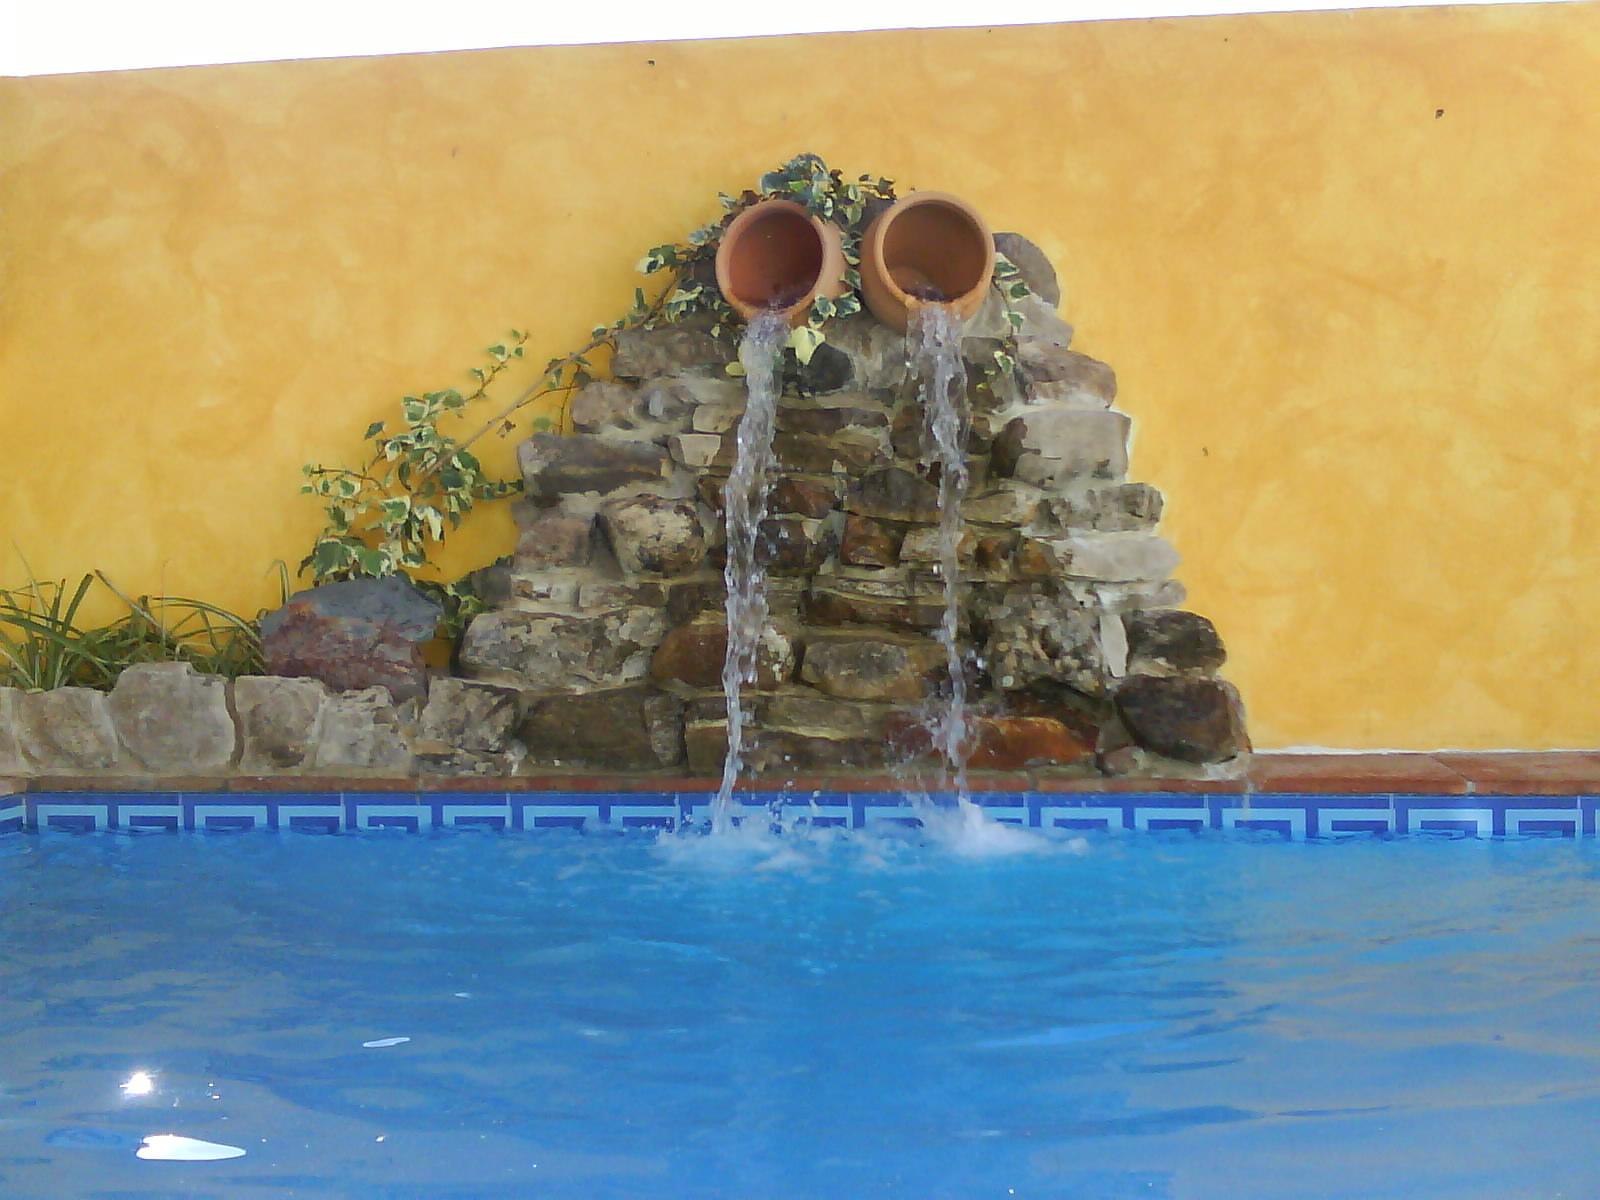 Cascada artificial piscina fotos de fotos art sticas - Cascadas de piedra artificial para piscinas ...